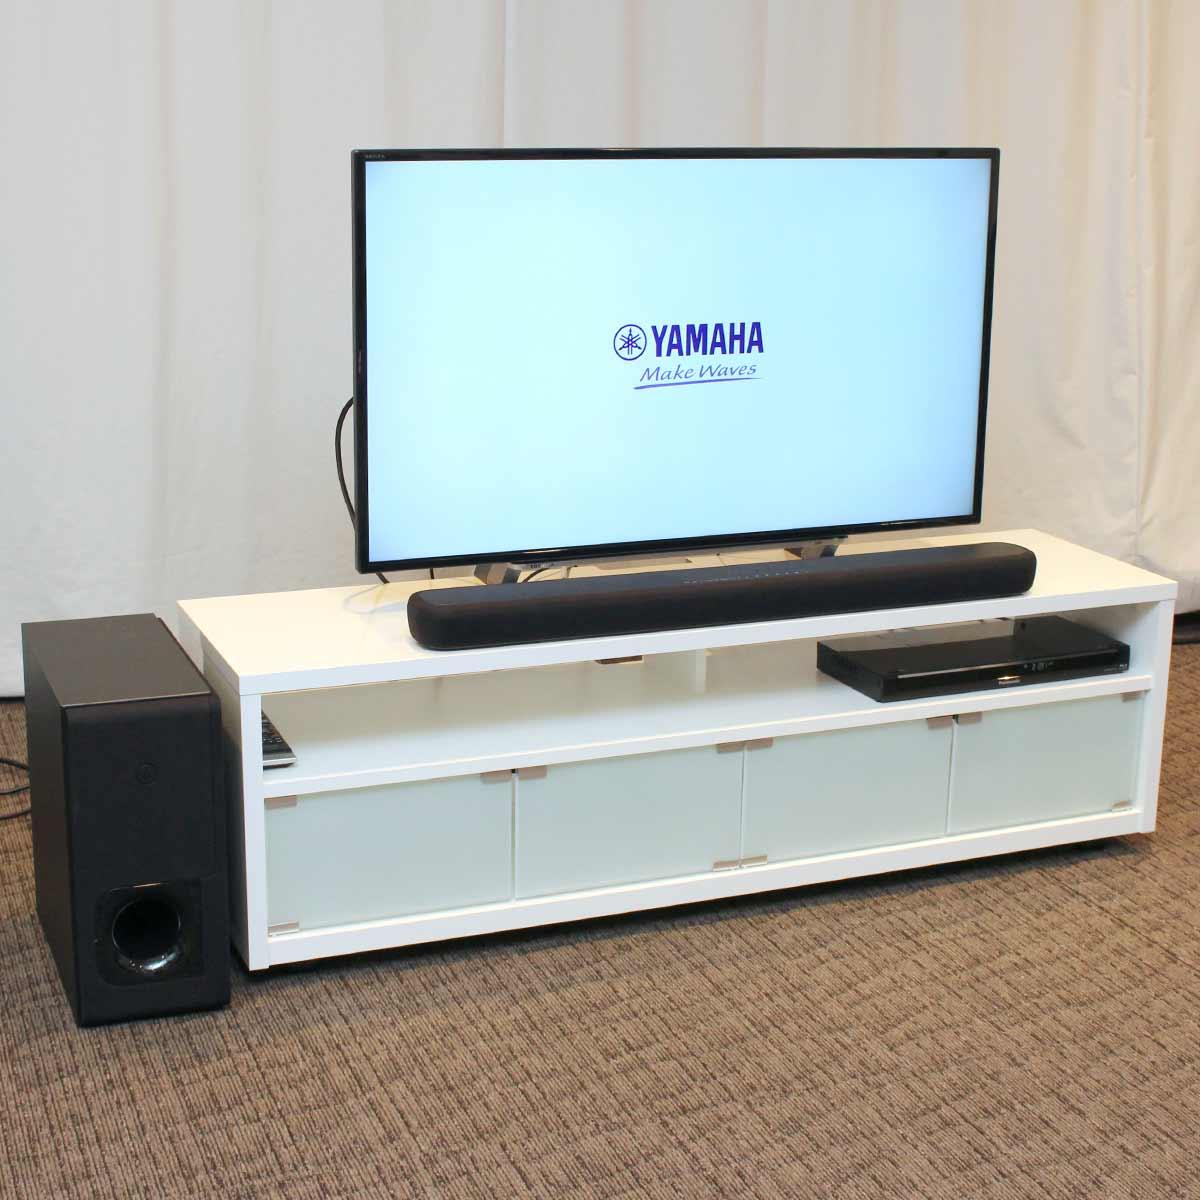 Alexaスピーカーにもなる迫力の2ユニット型サウンドバー「ヤマハ YAS-209」